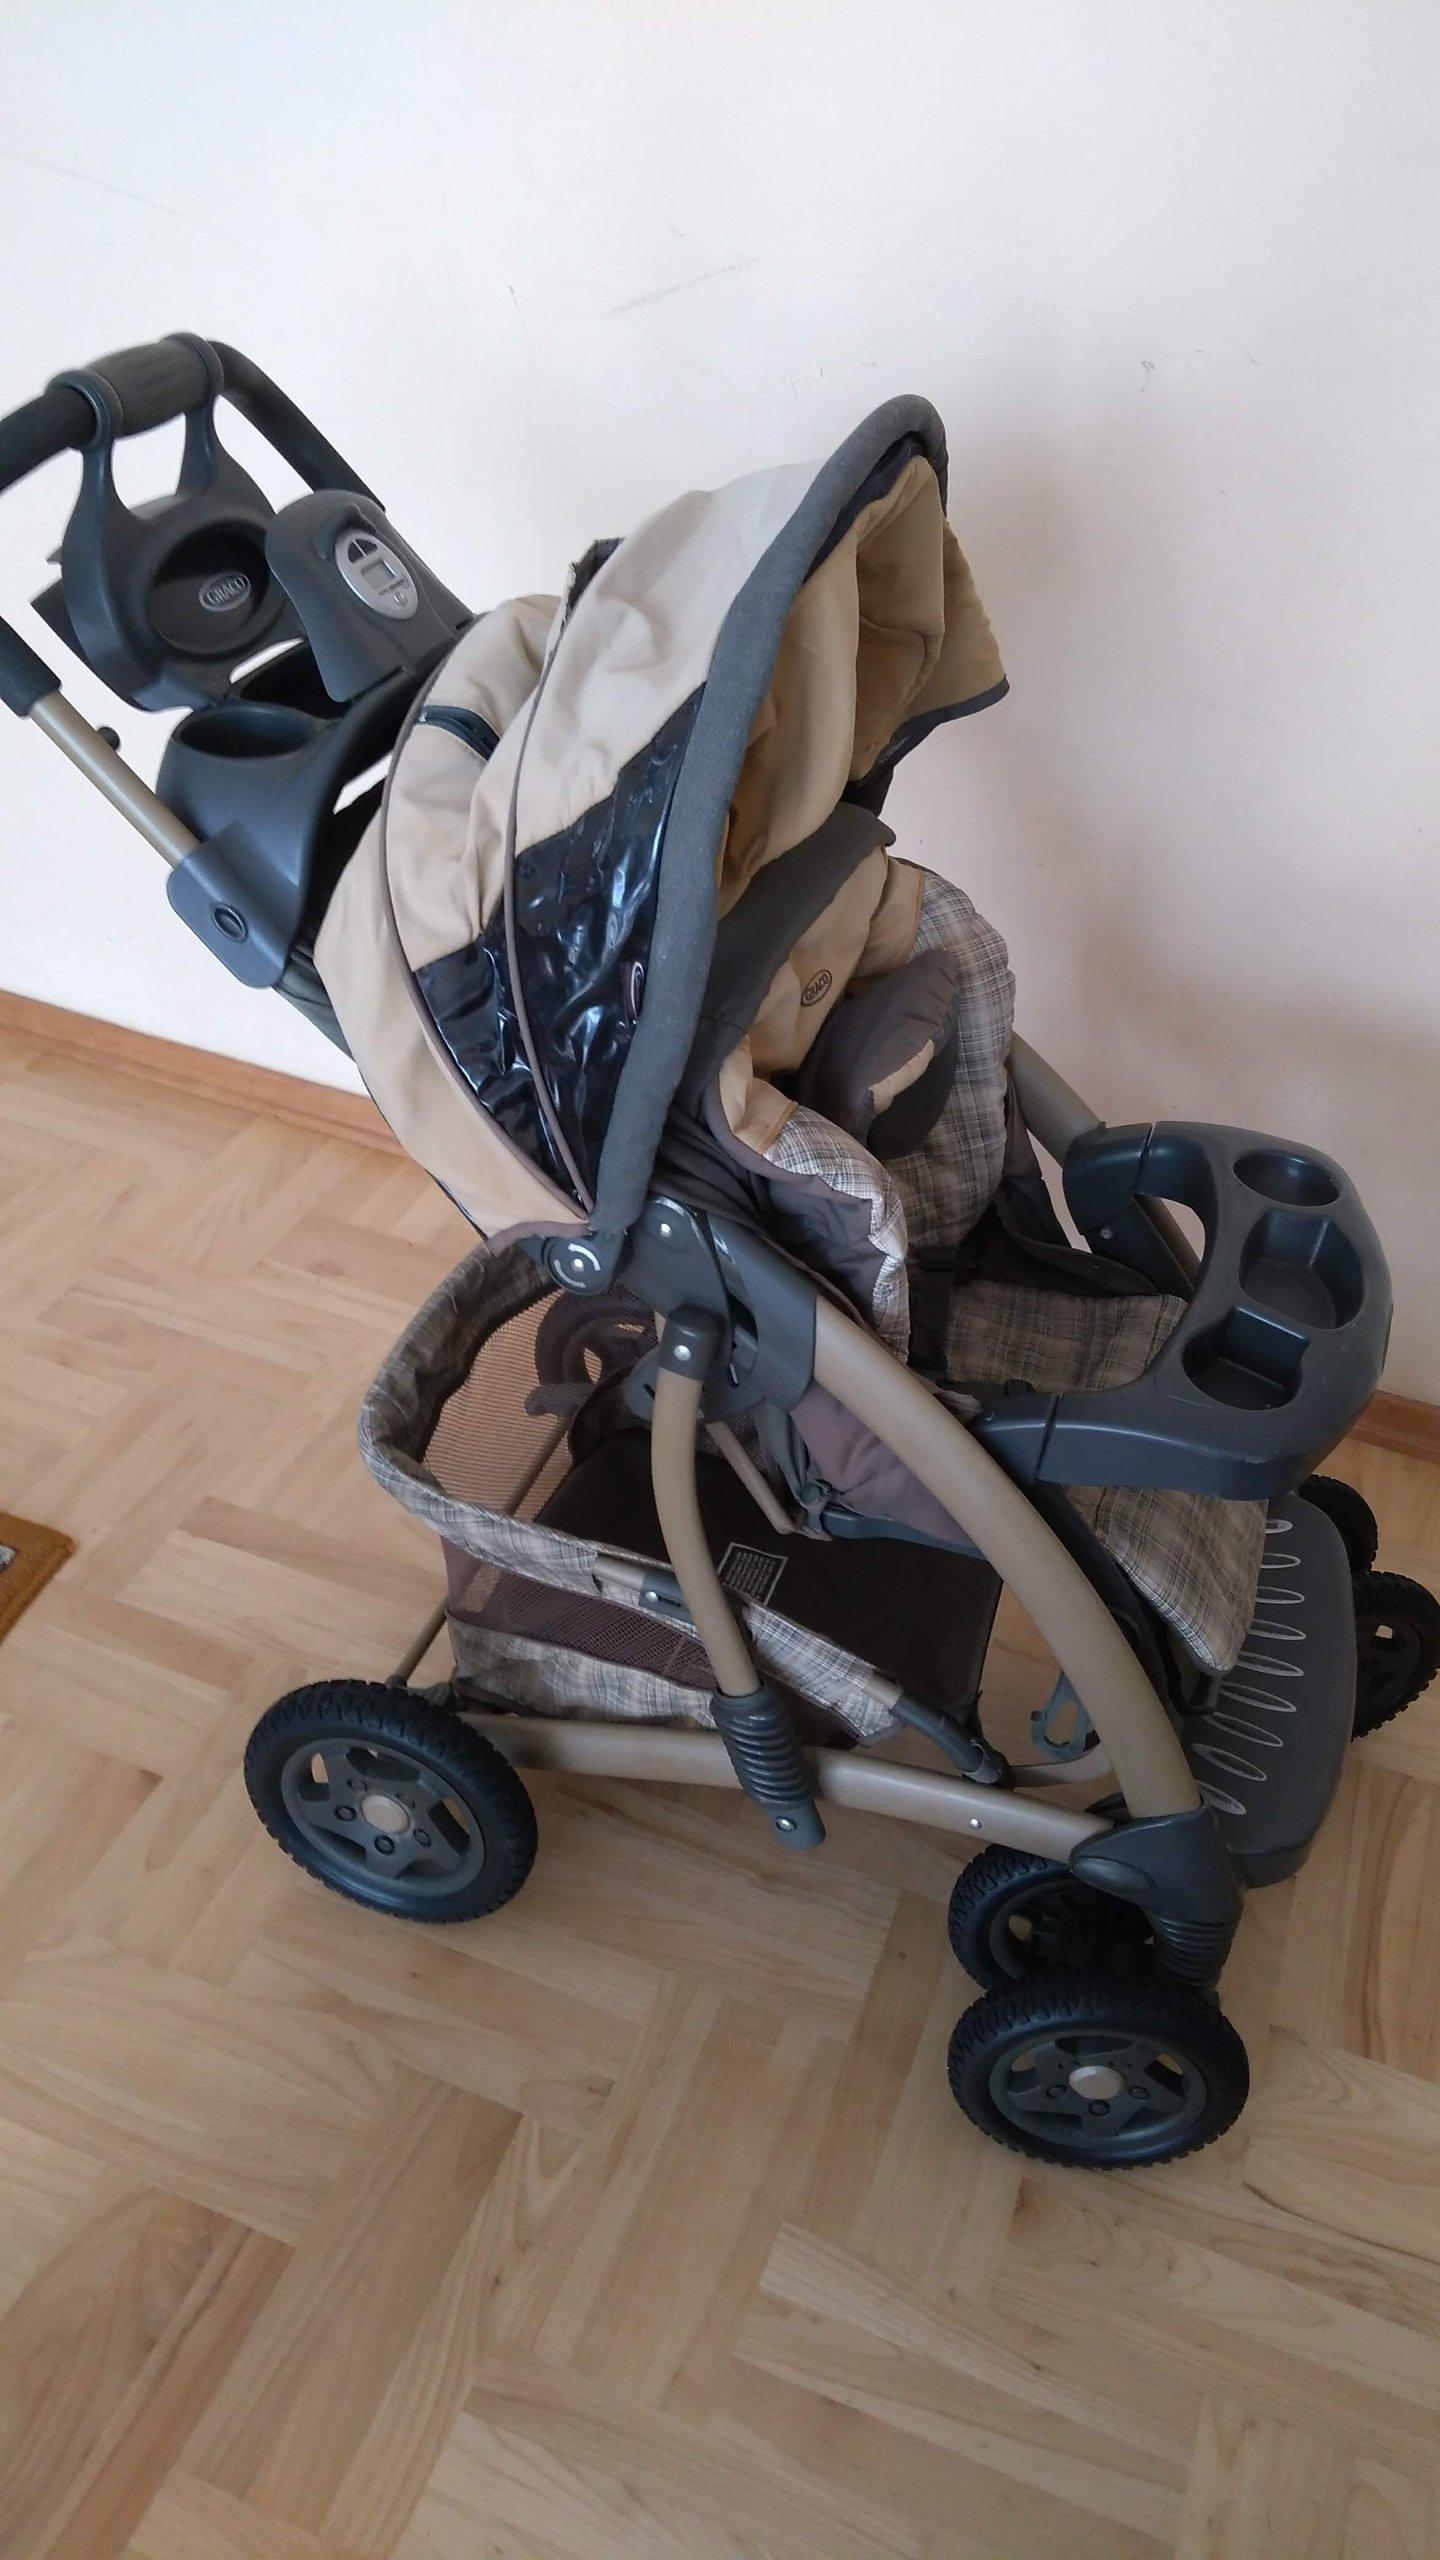 Wozek Graco Quattro Tour Deluxe 4w1 Fotelik Baza